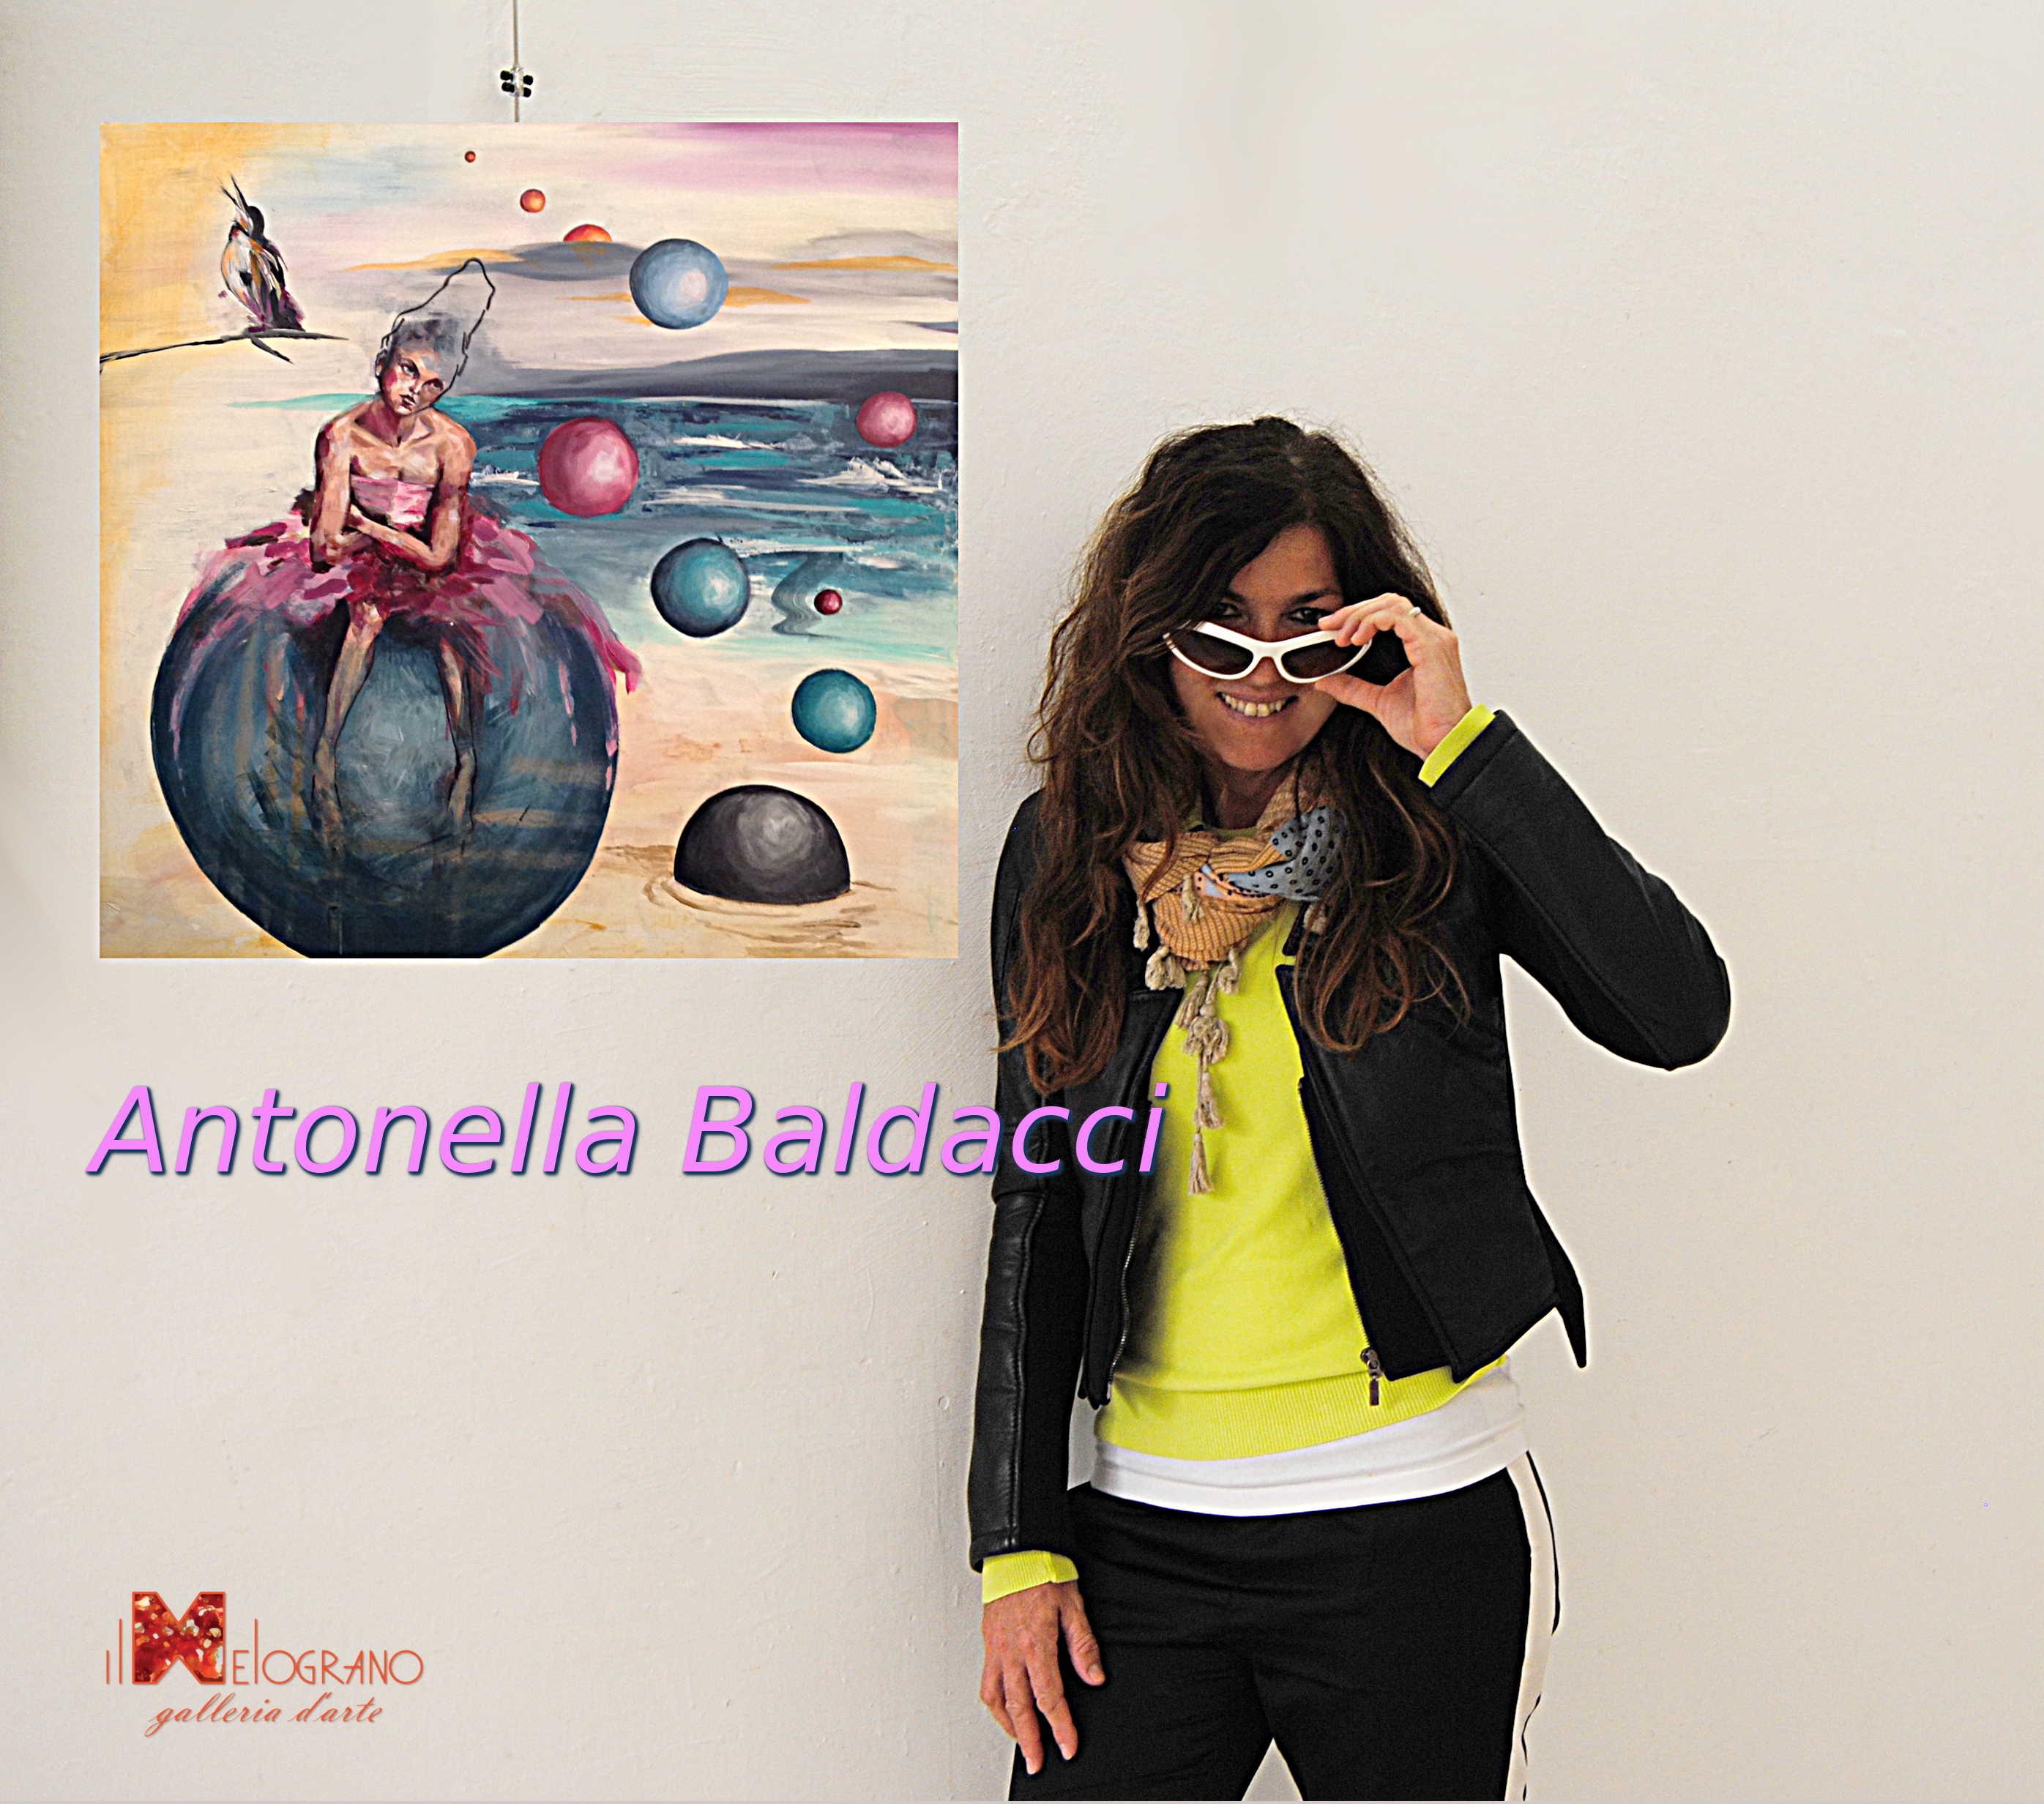 Antonella Baldacci rotonda 2014